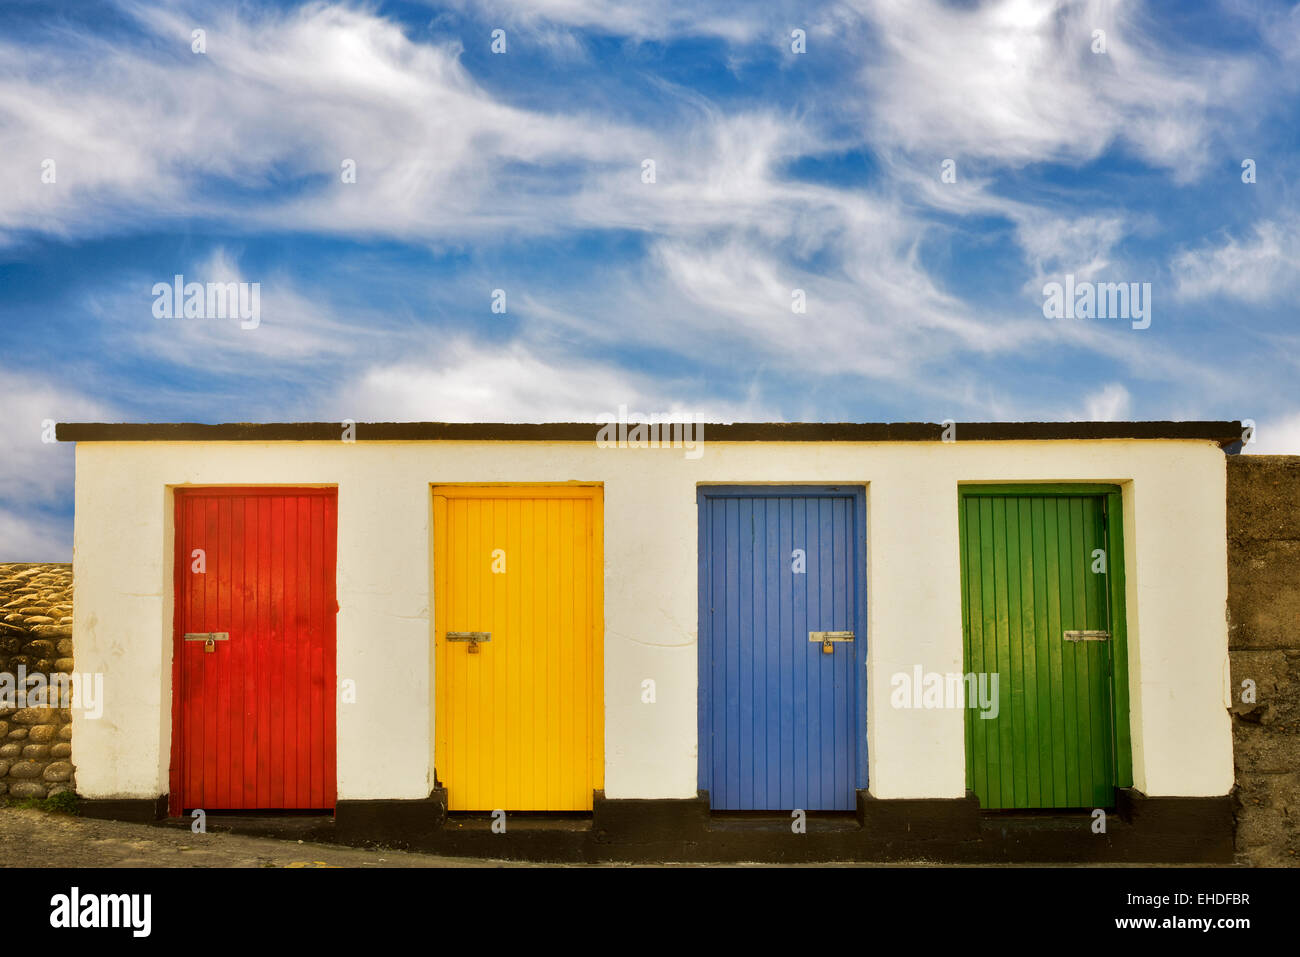 Puertas de colores. Pier, Ennicrone Inishfree, Irlanda Imagen De Stock